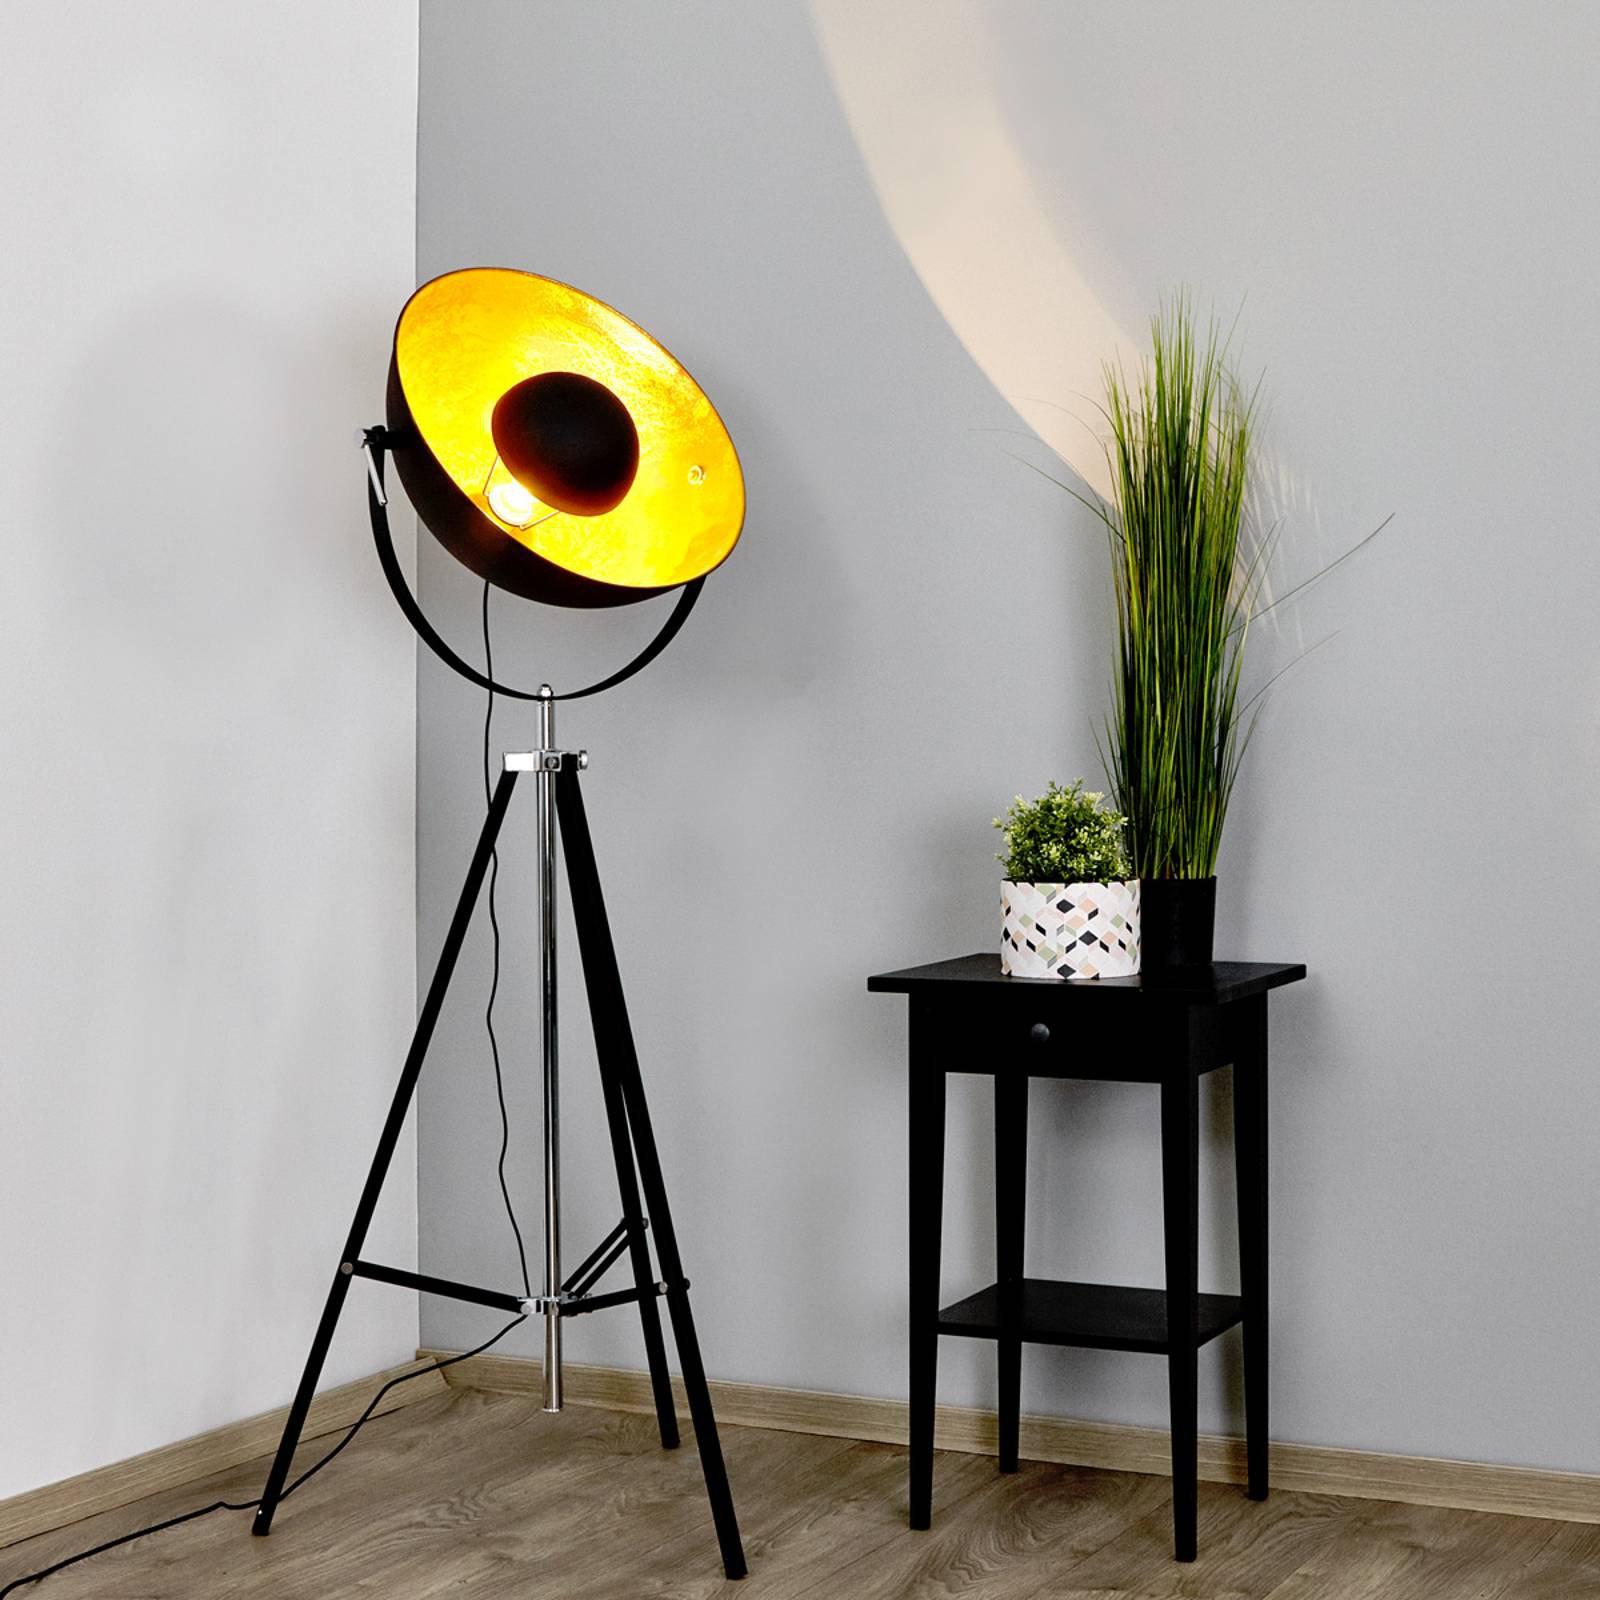 Ekstravagant gulvlampe Mineva i svart og gull